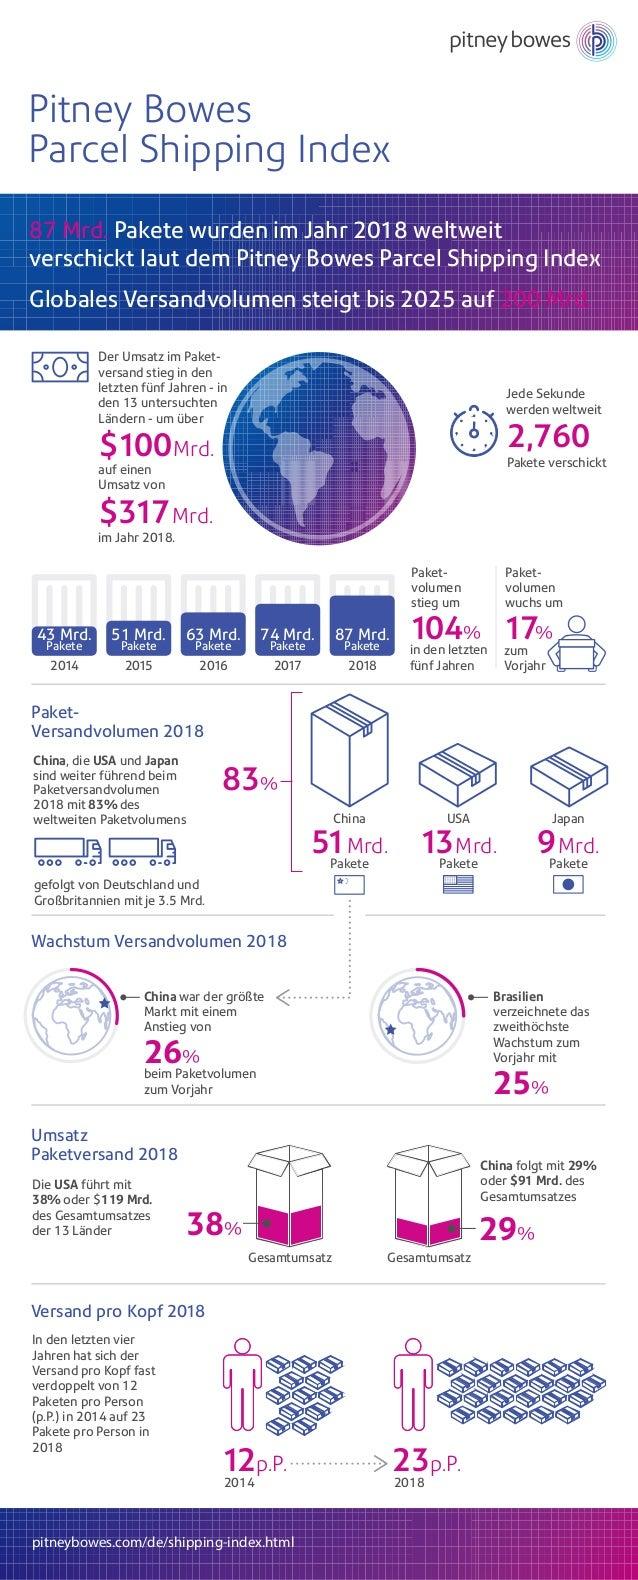 Pitney Bowes Parcel Shipping Index Paket- volumen stieg um 104% in den letzten f�nf Jahren Paket- volumen wuchs um 17% zum...